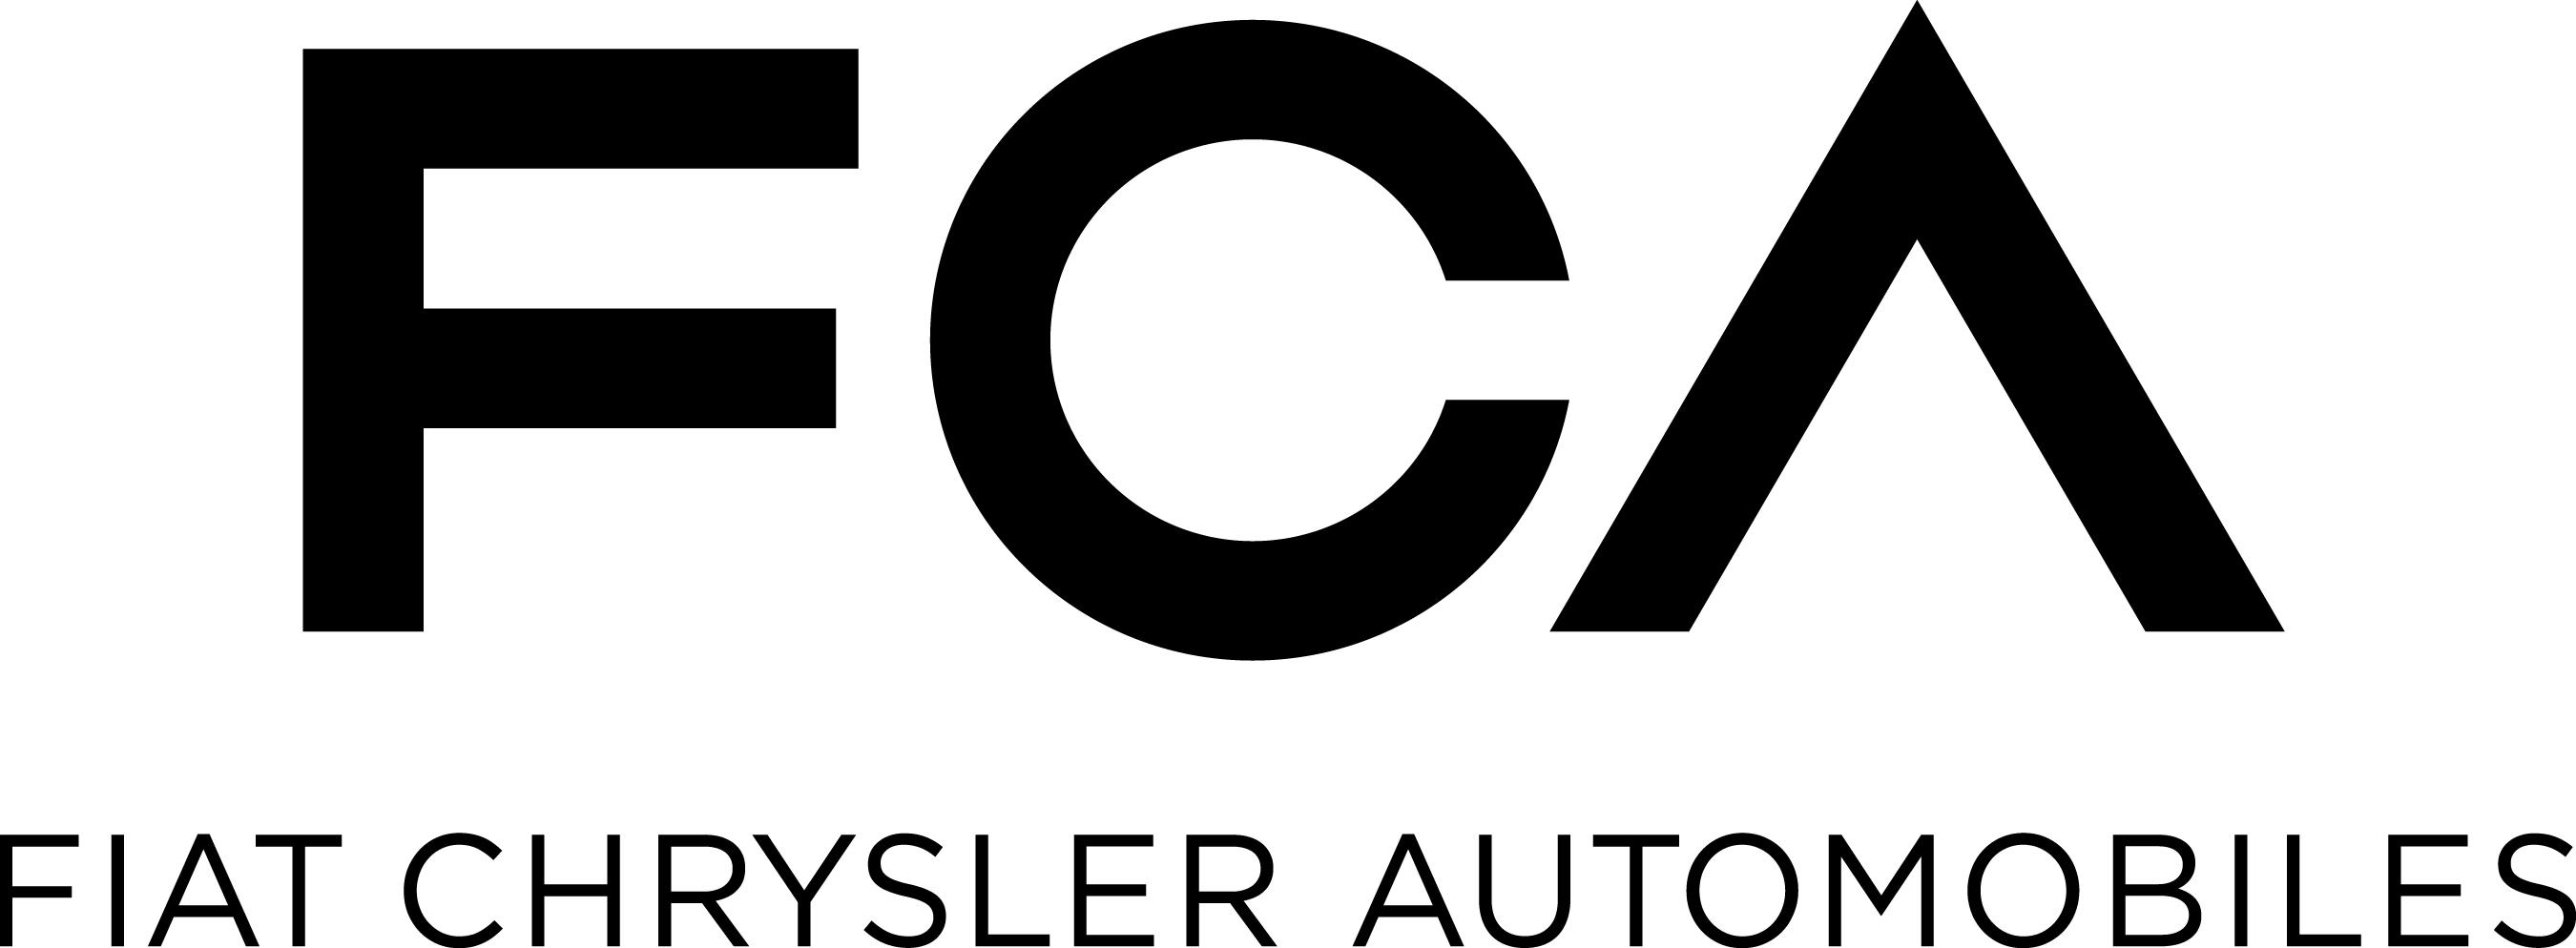 fca-sticker